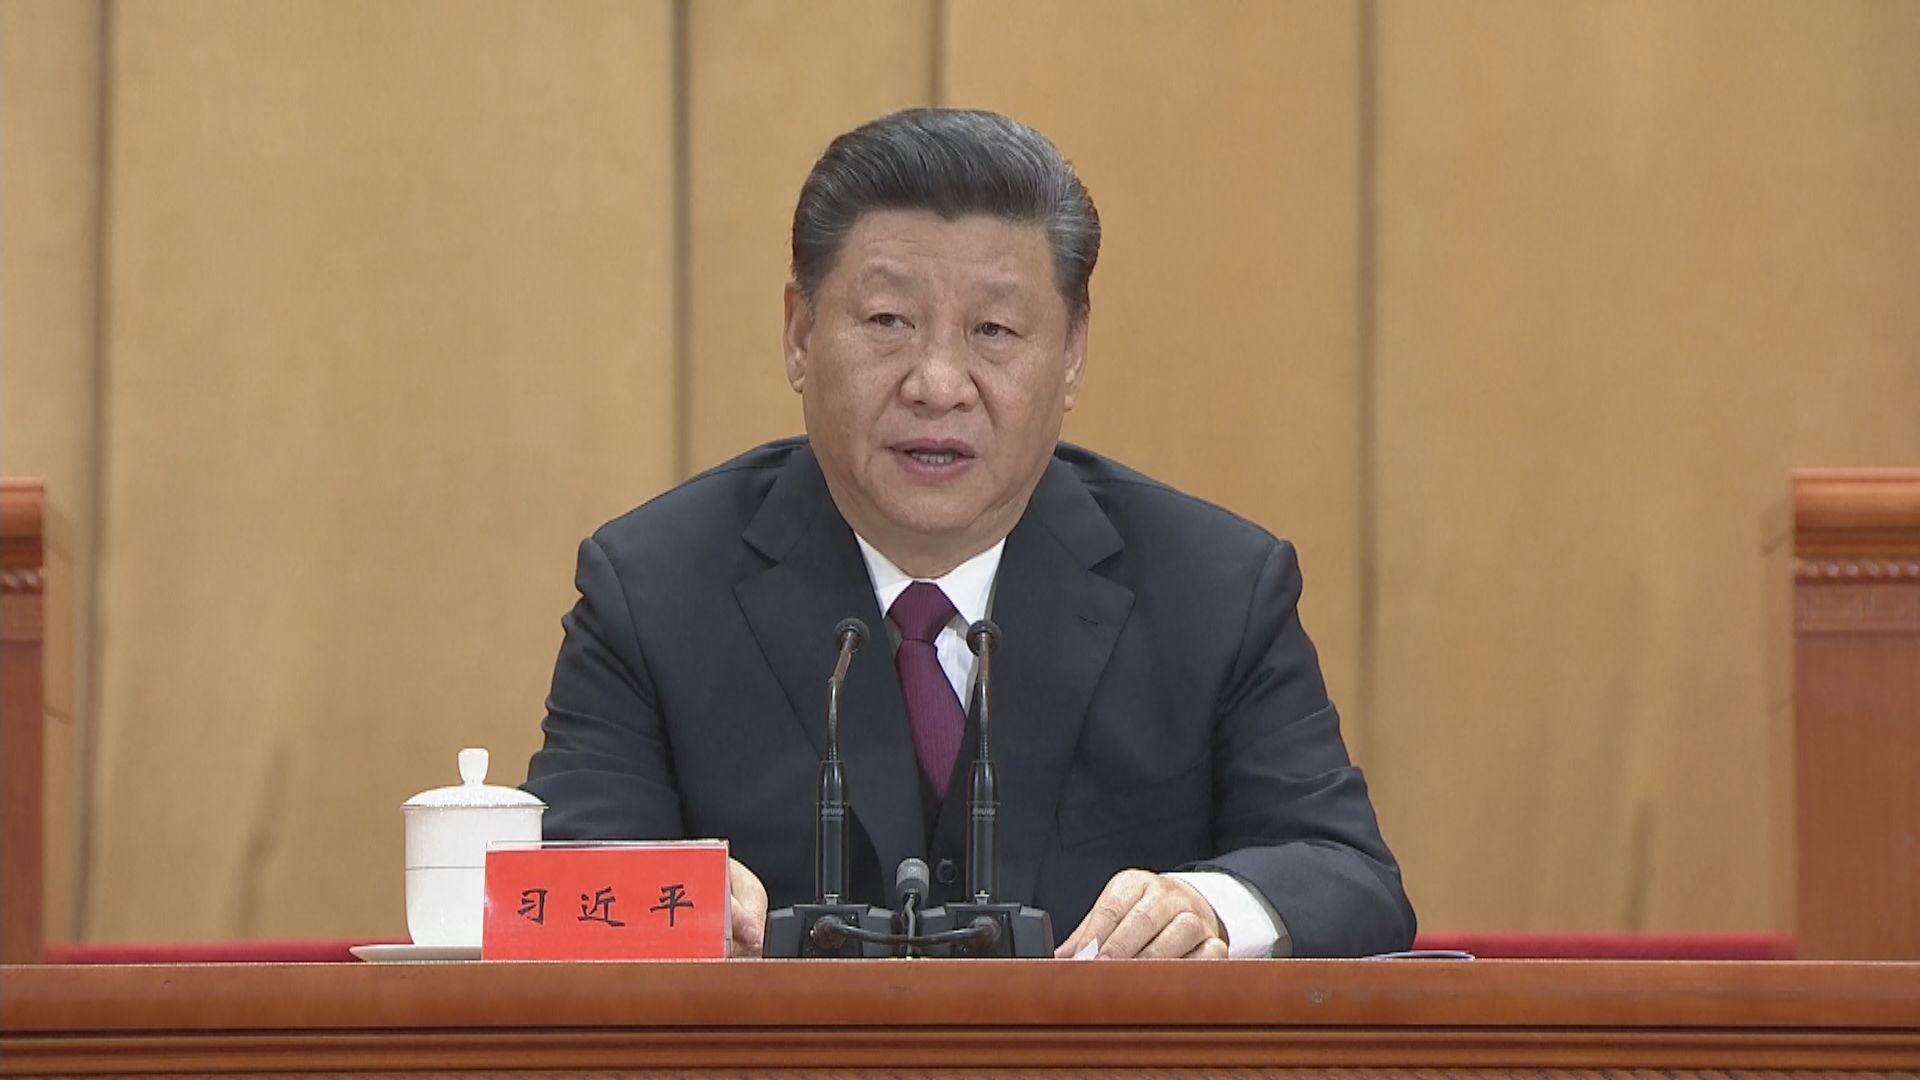 中美貿易談判影響習近平管治